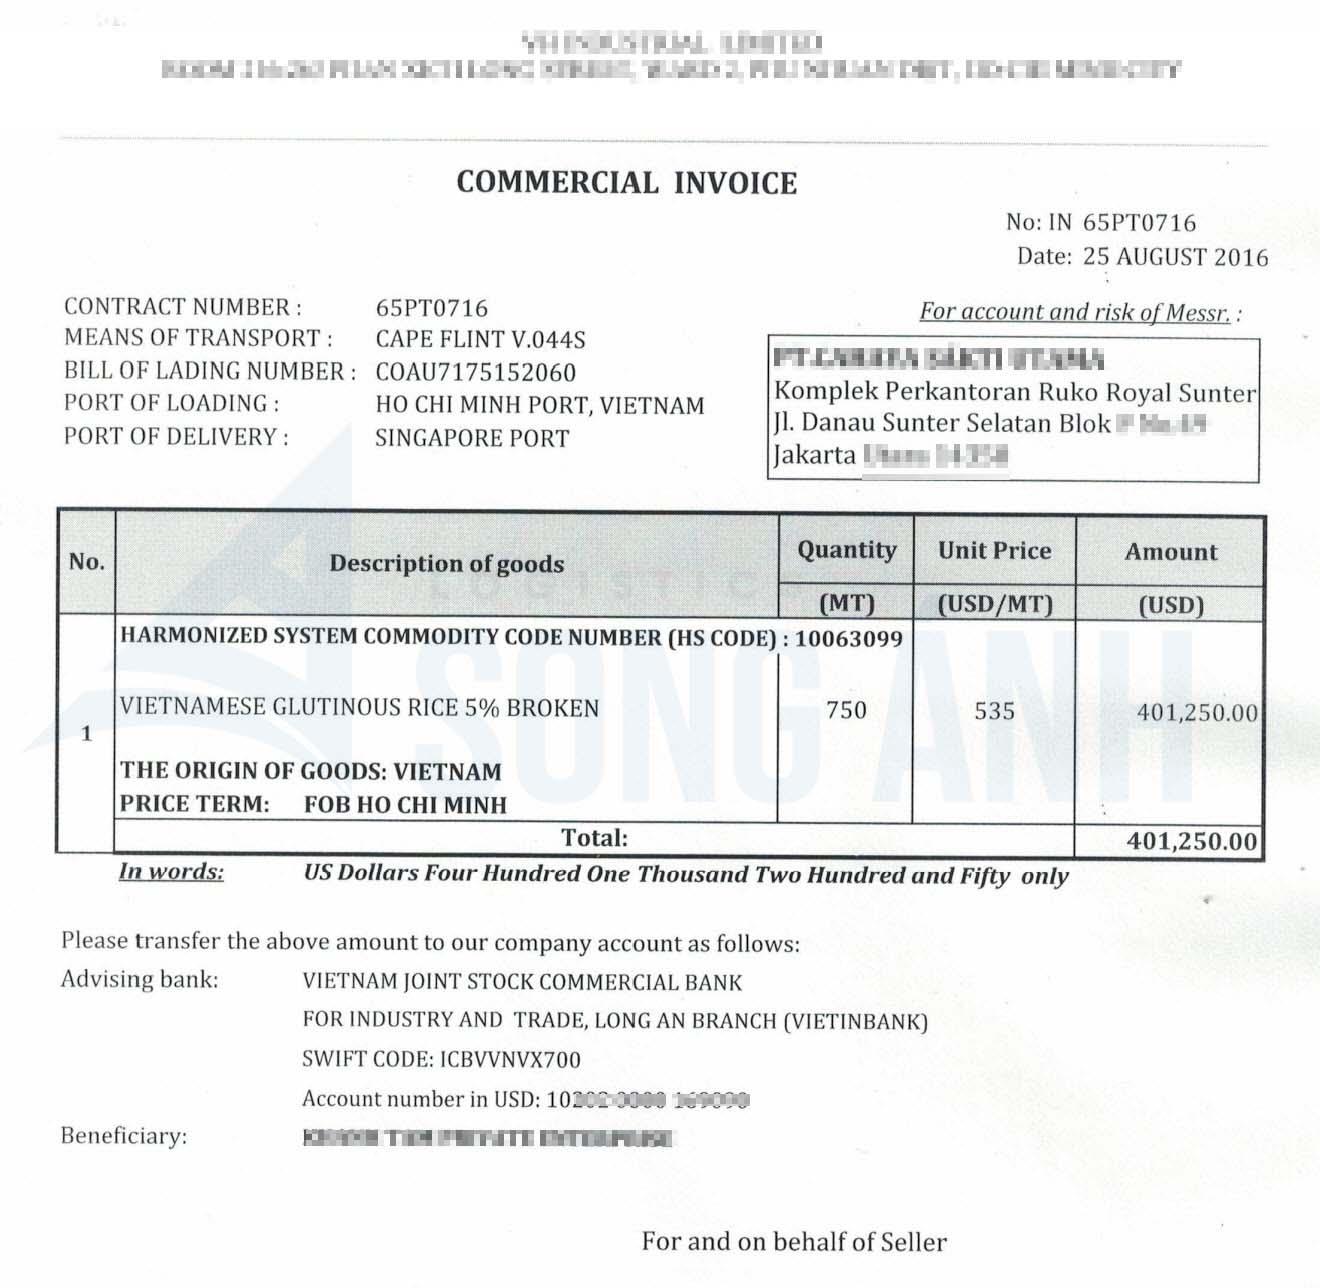 Commercial Invoice – CI Hóa đơn thương mại